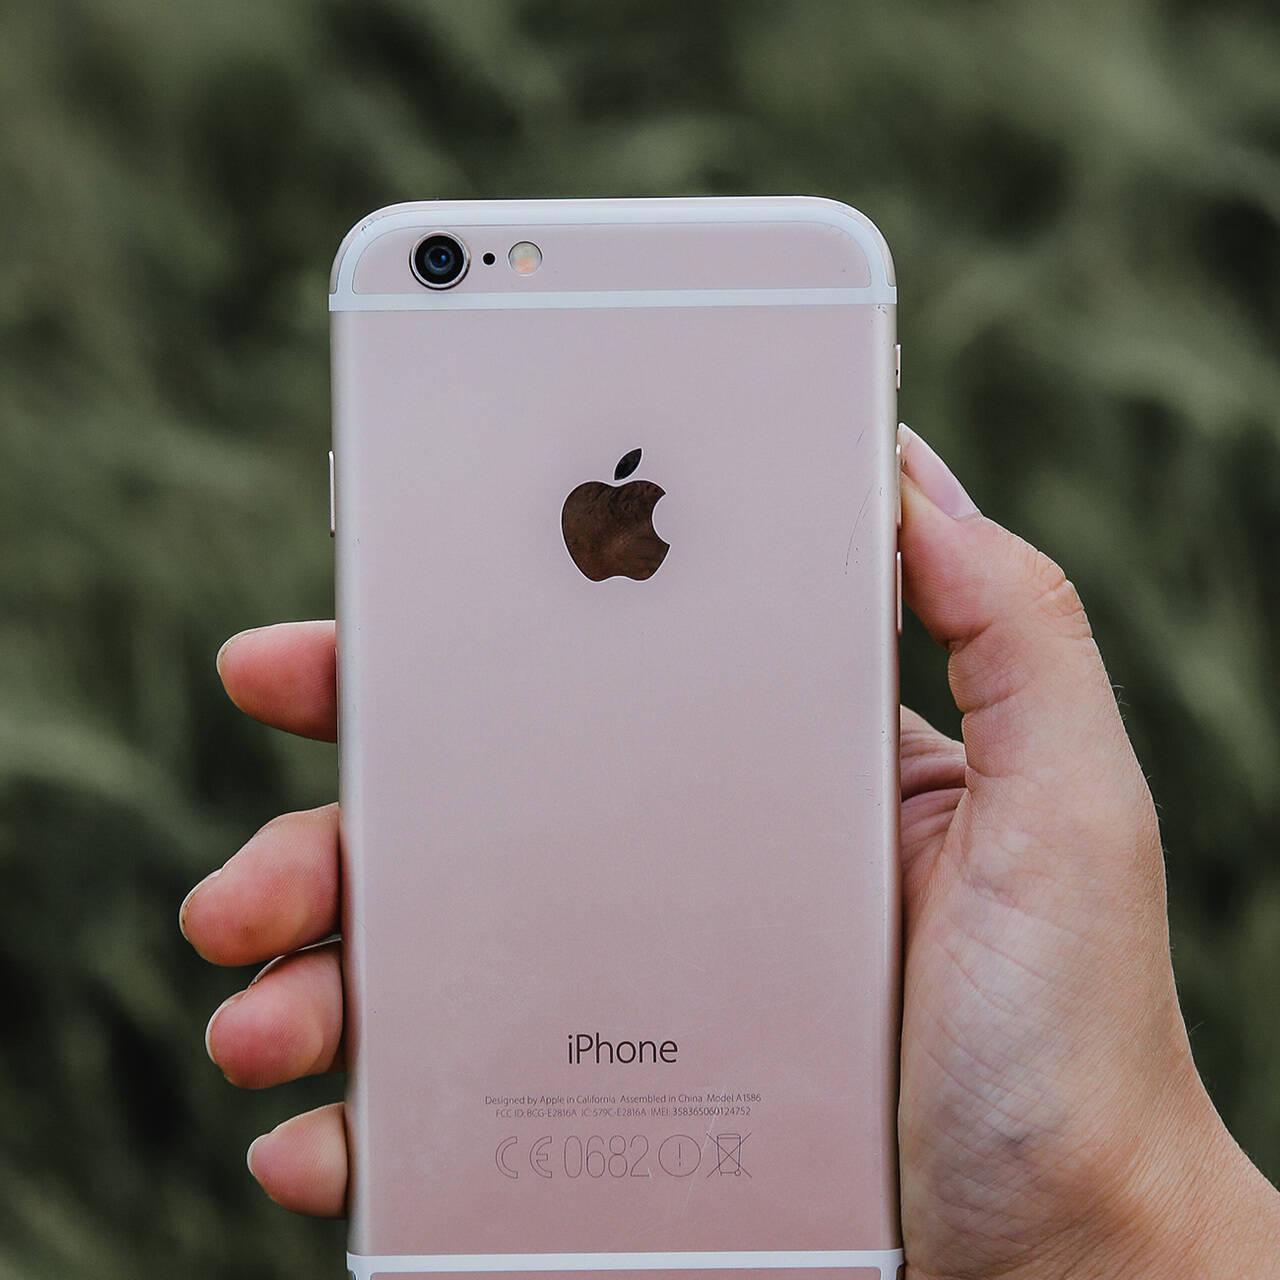 Apple выпустила обновление 14.8 для iPhone и iPad с устранением уязвимостей (square 1280 18b6afe17ddd0570d8a42582d471884a)